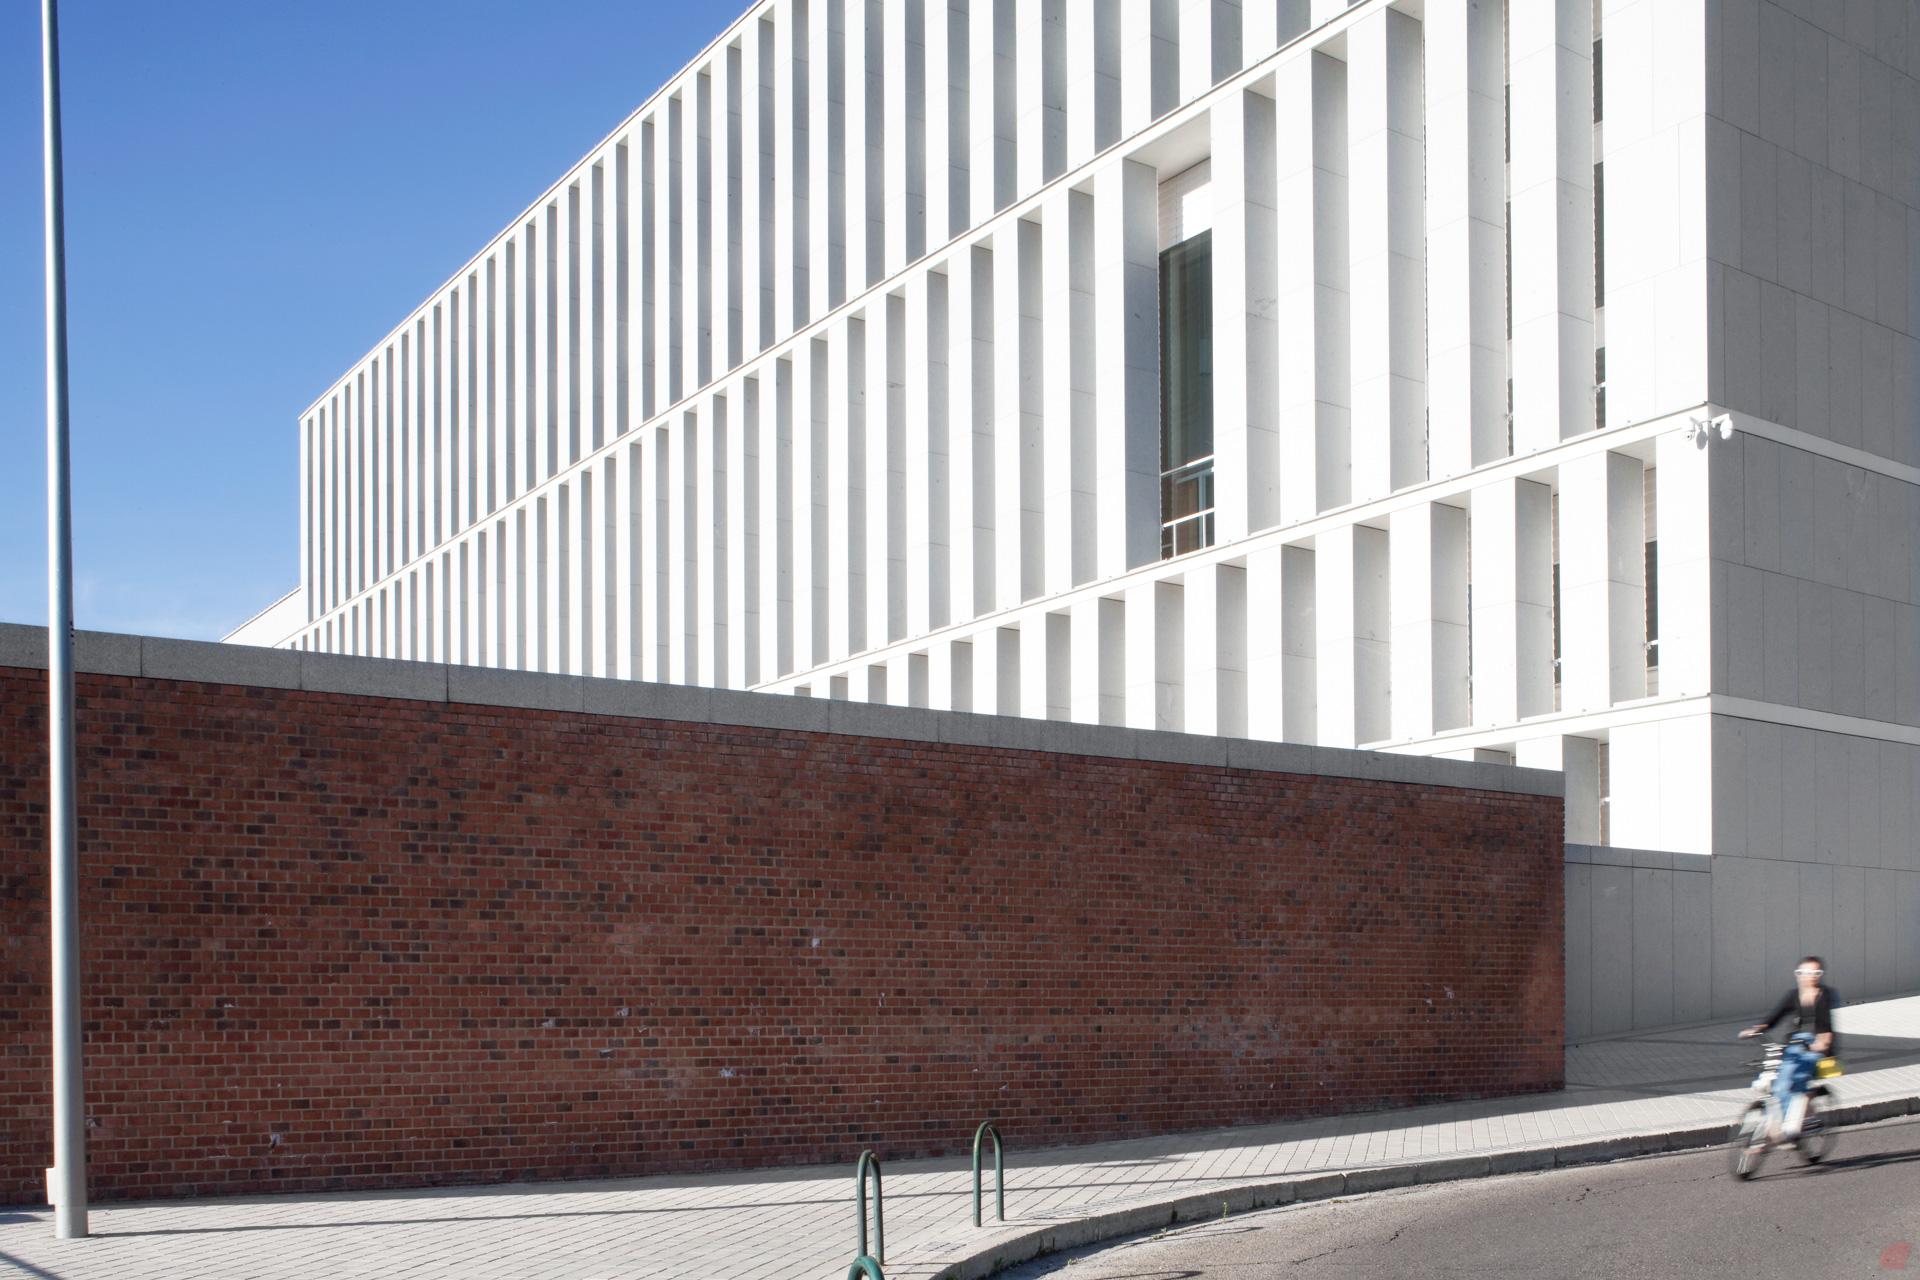 Museo de Coleciones Reales